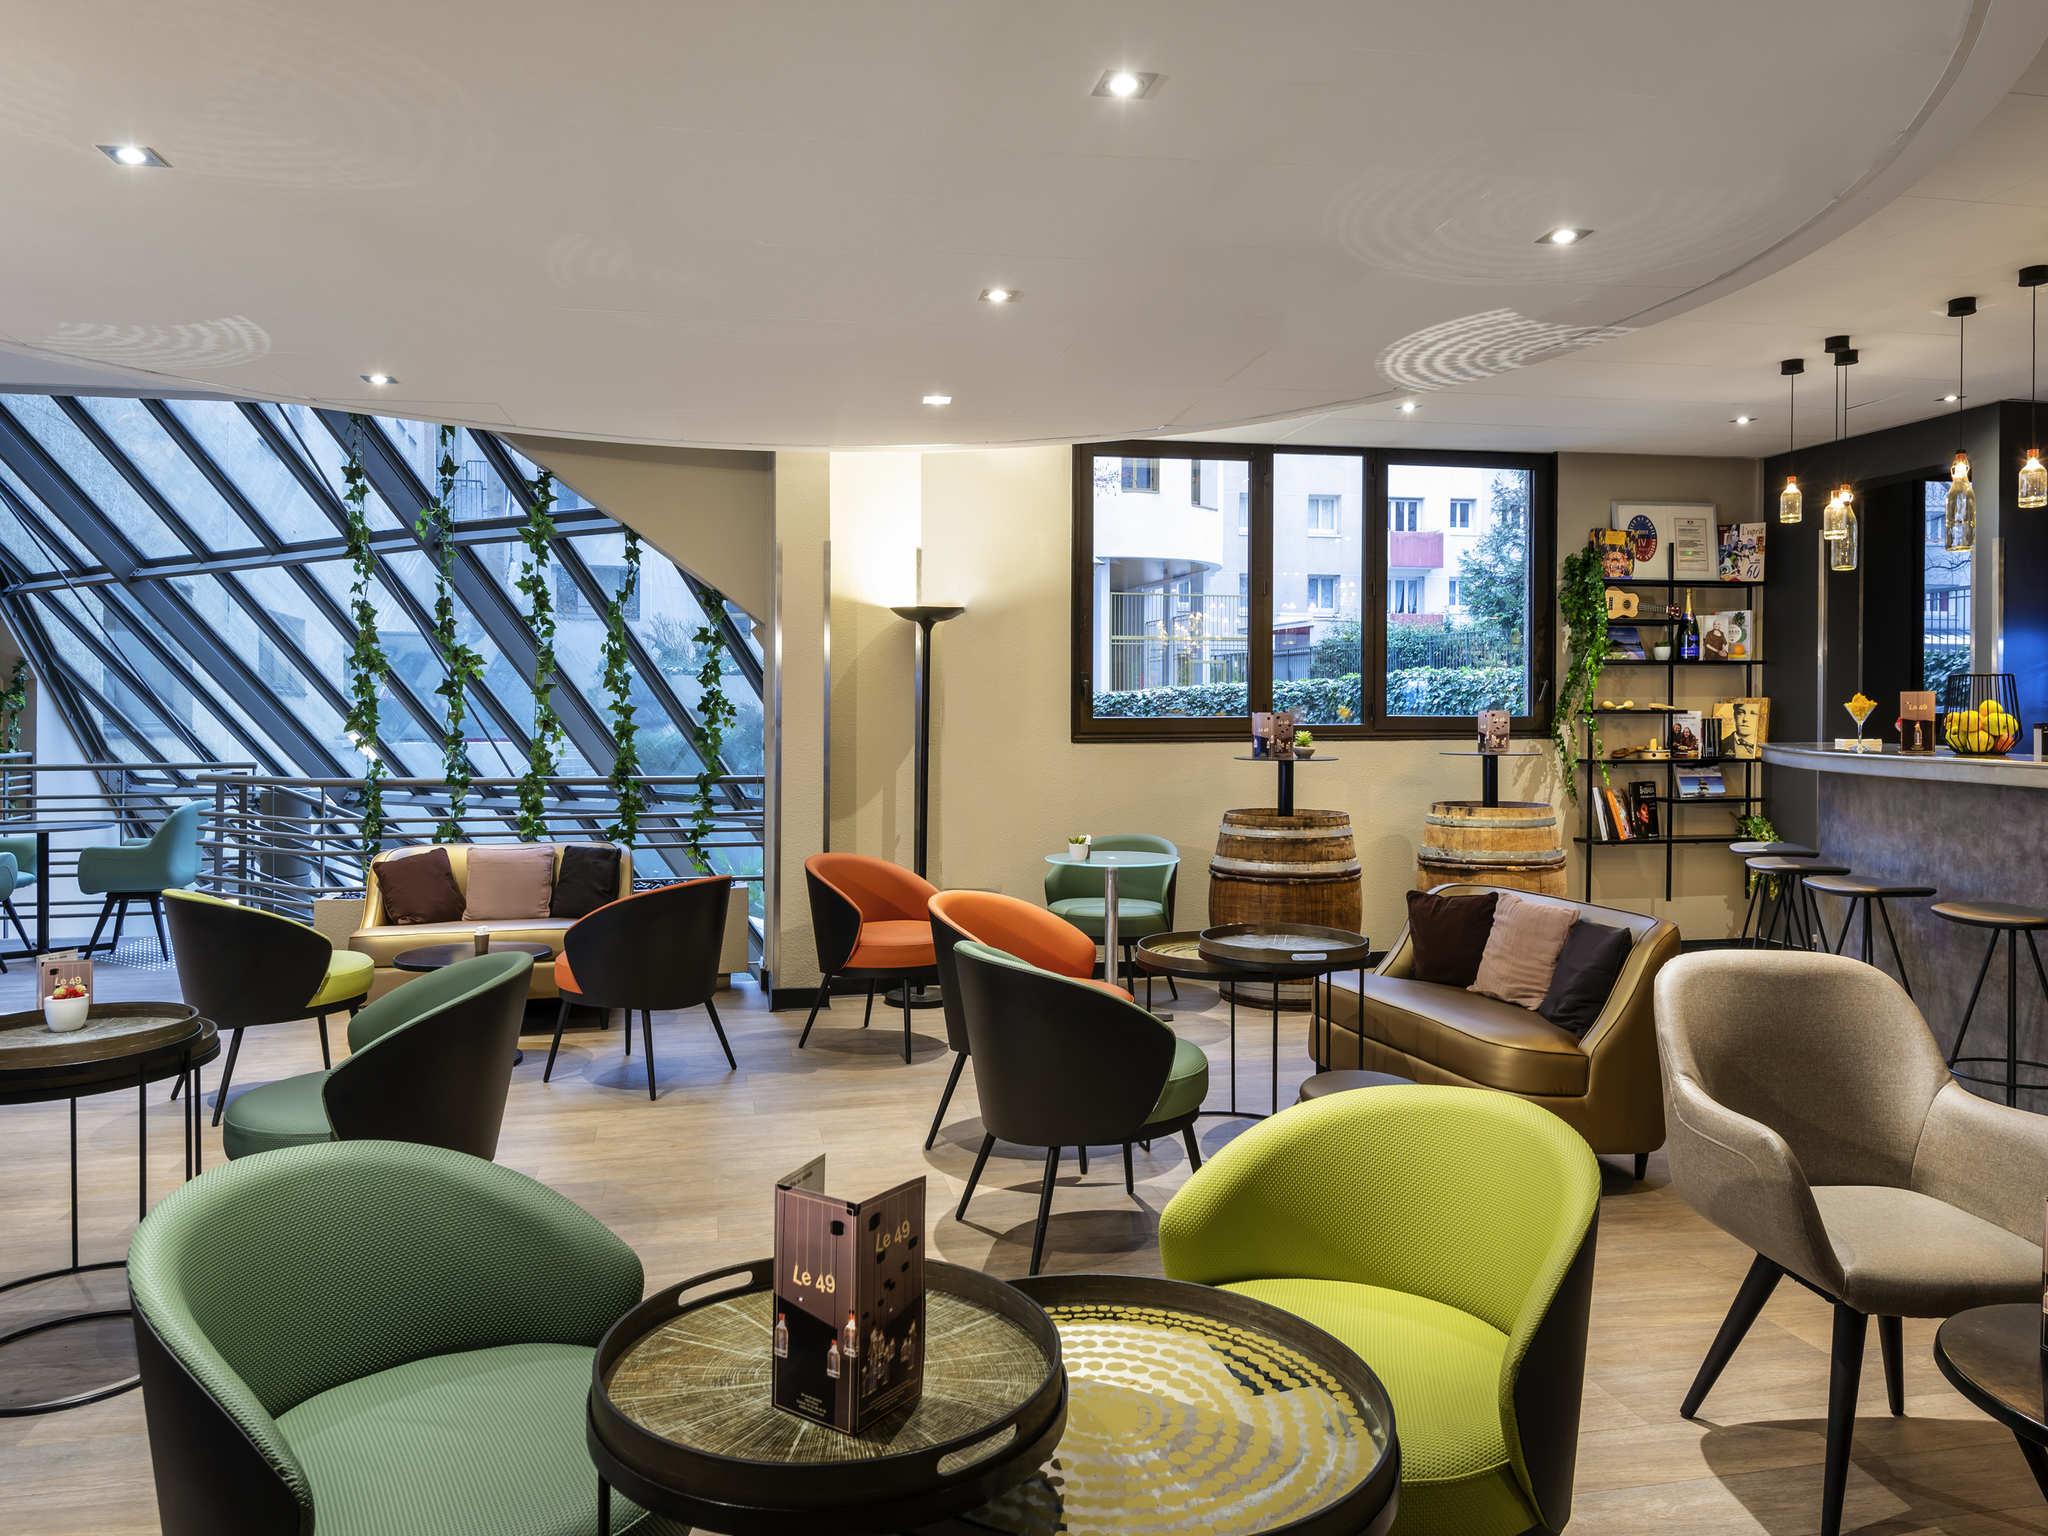 โรงแรม – ไอบิส ปารีส อเลอเซีย มงต์ปาร์นาส 14เอเม่